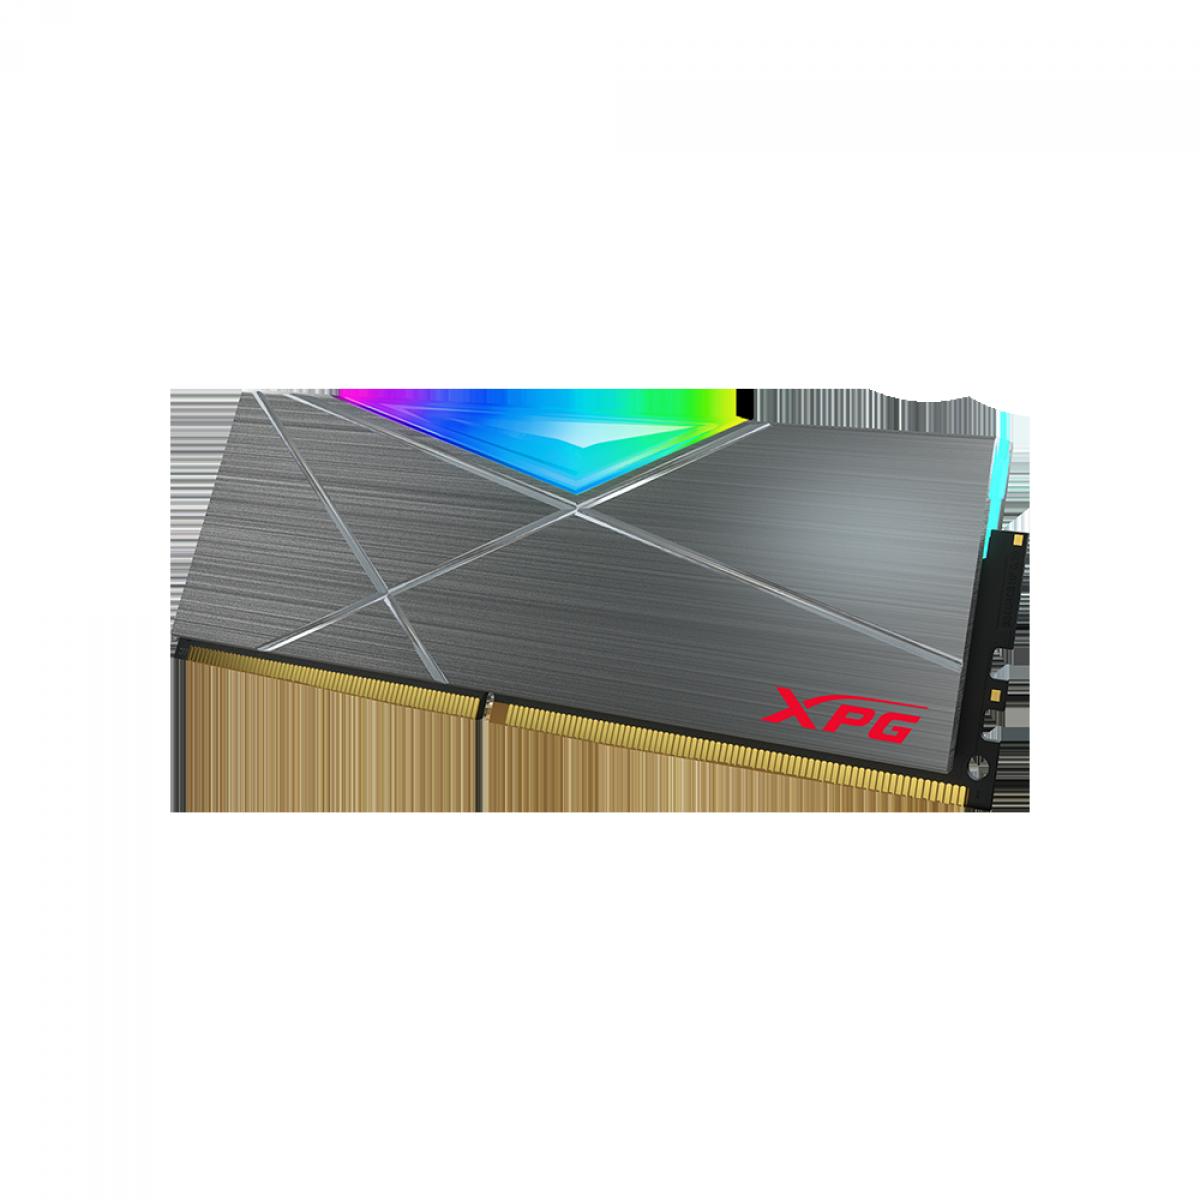 Memória DDR4 XPG Spectrix D50, 8GB, 3200Mhz, RGB, Gray, AX4U320038G16A-ST50